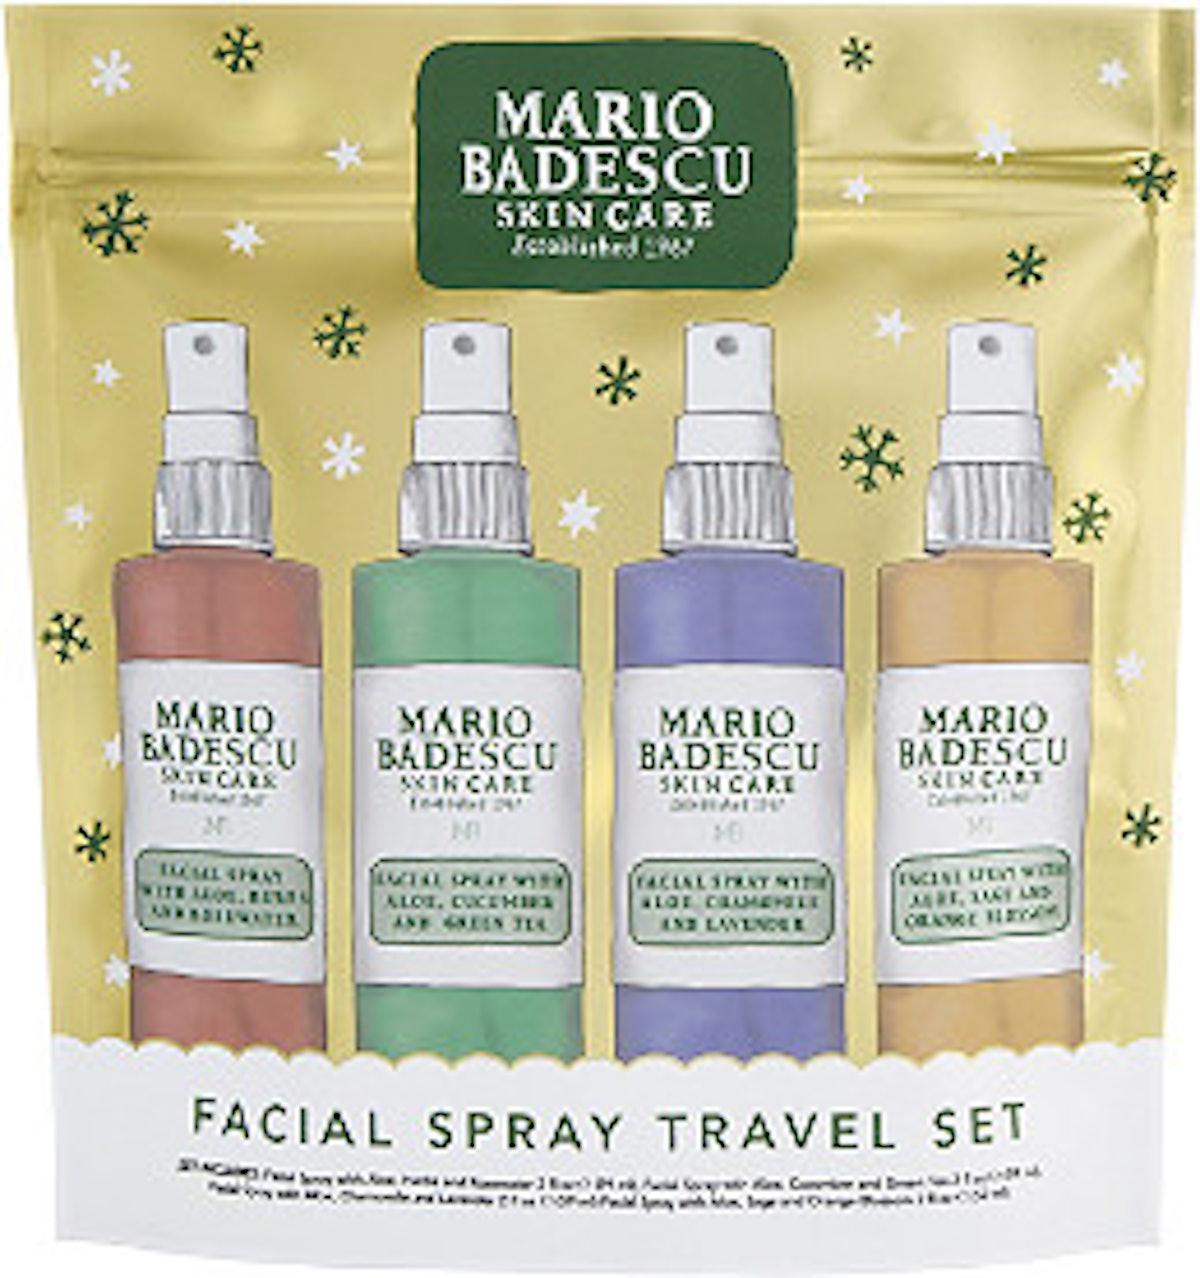 Mario Badescu Facial Spray Travel Set